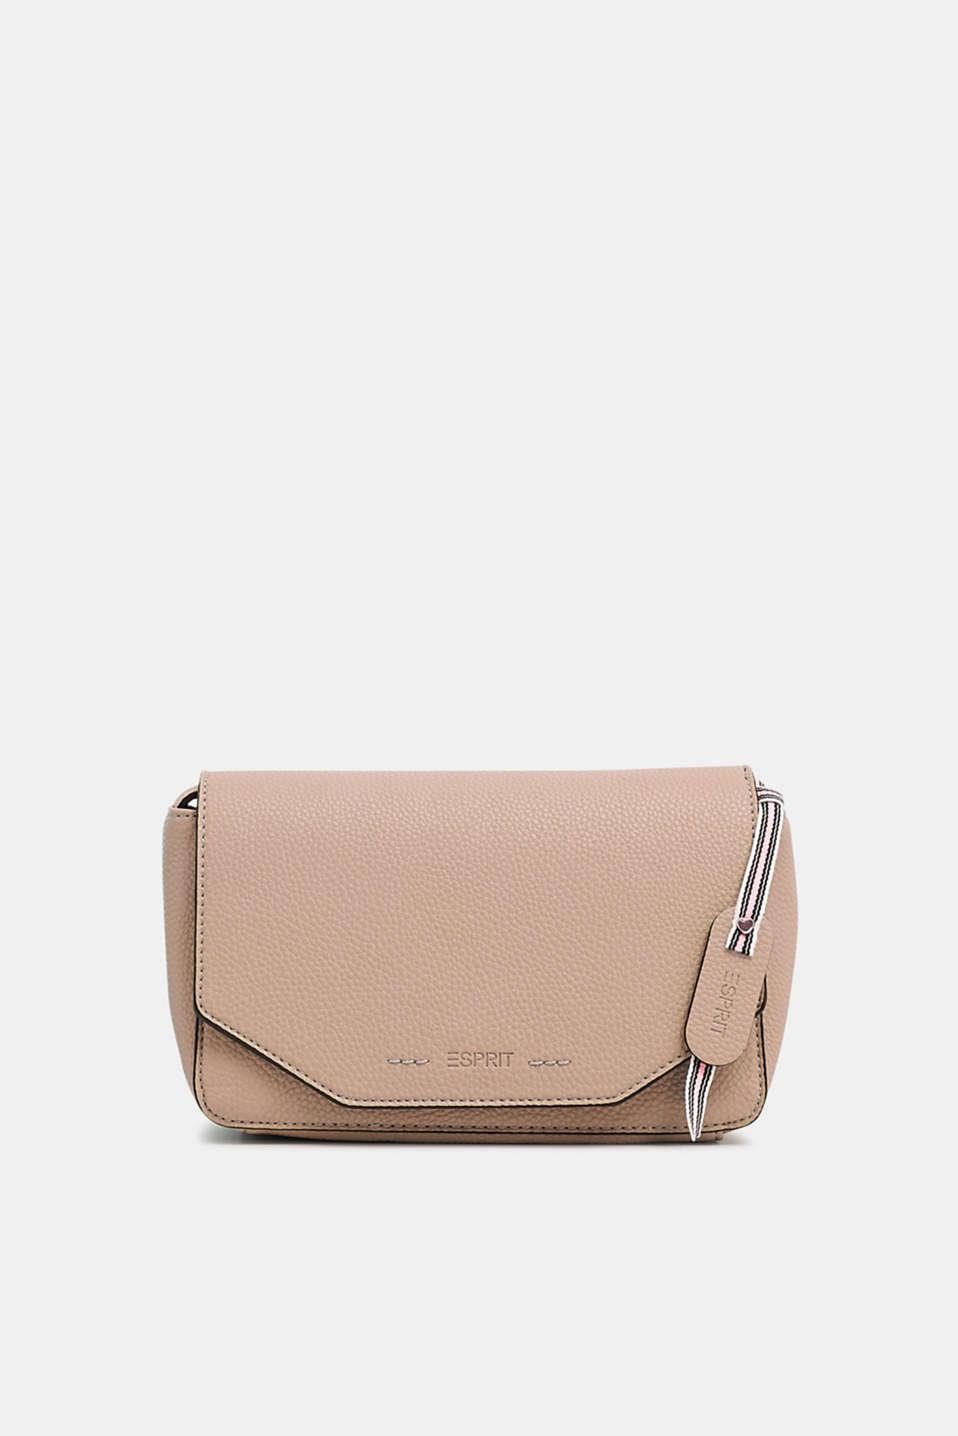 9303c3e20b Esprit : Petit sac bandoulière en similicuir à acheter sur la ...